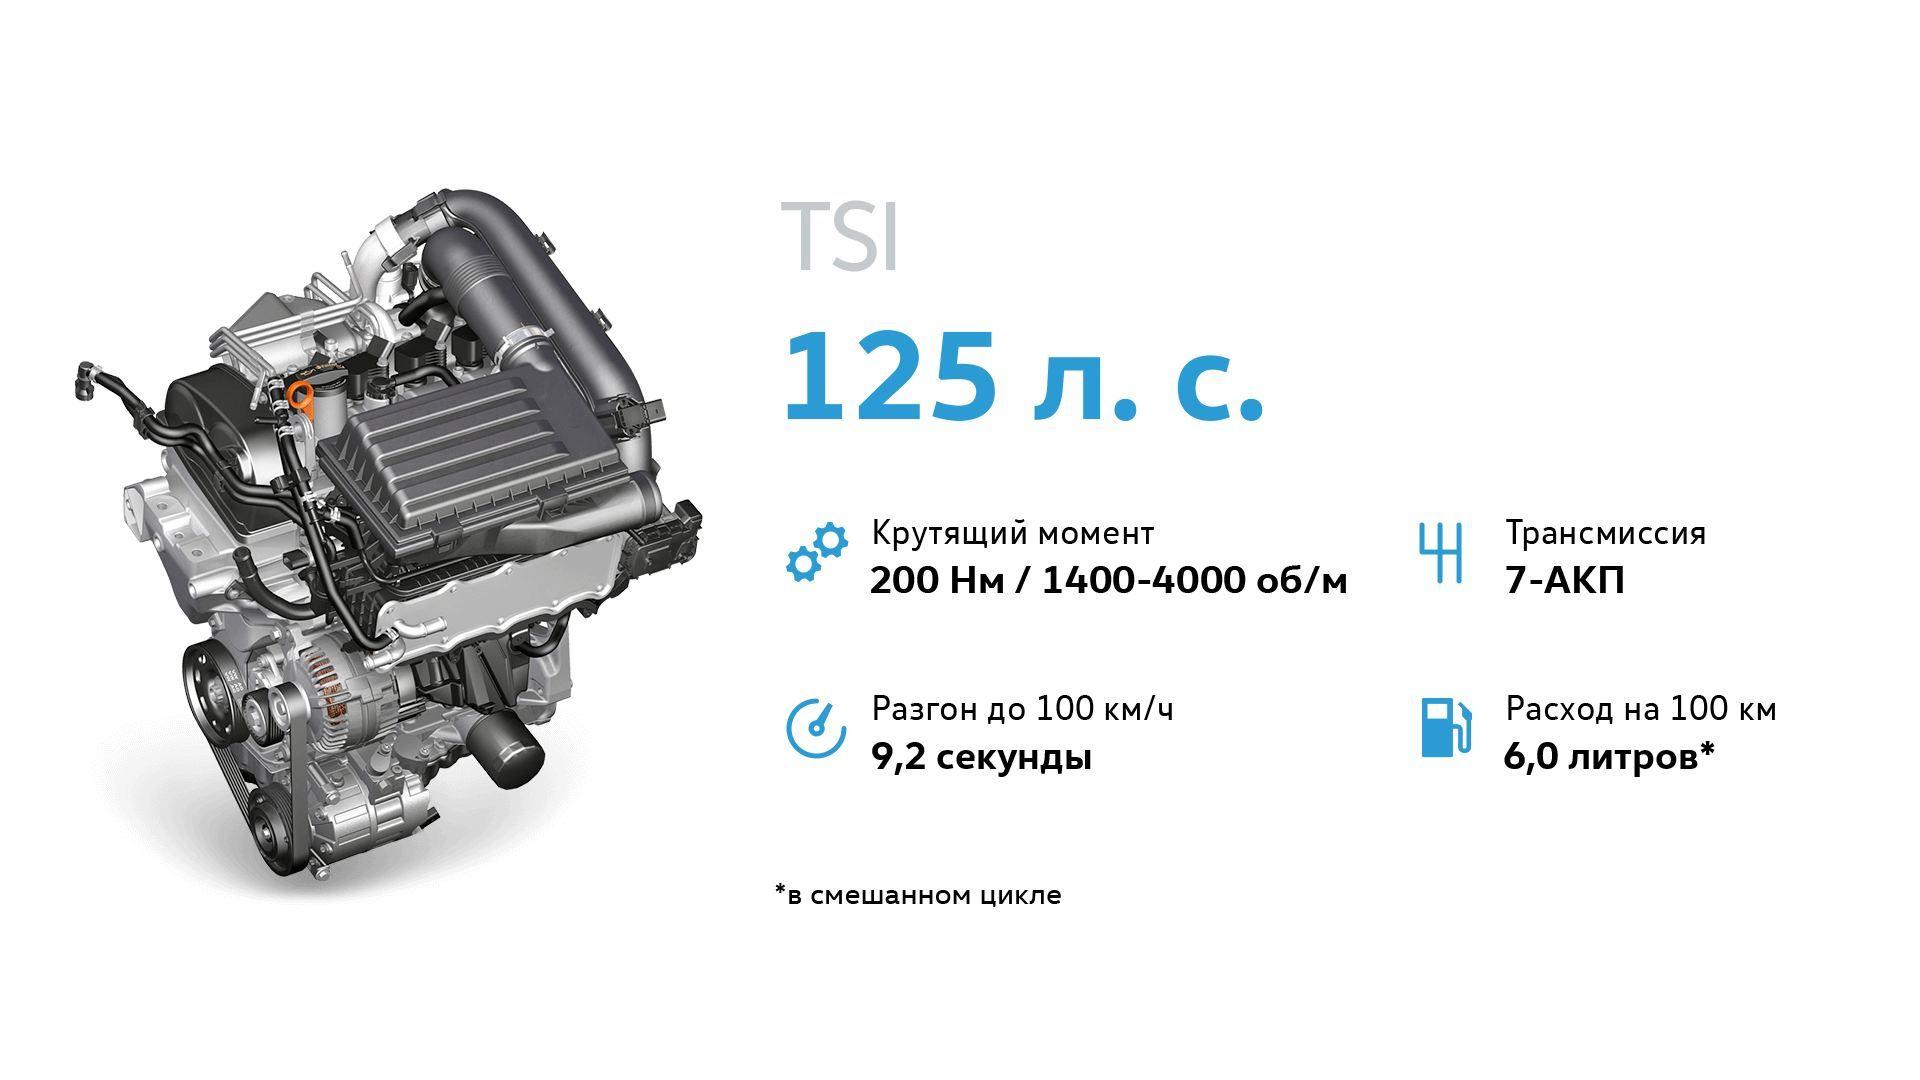 Двигатель TSI 125 л. с.